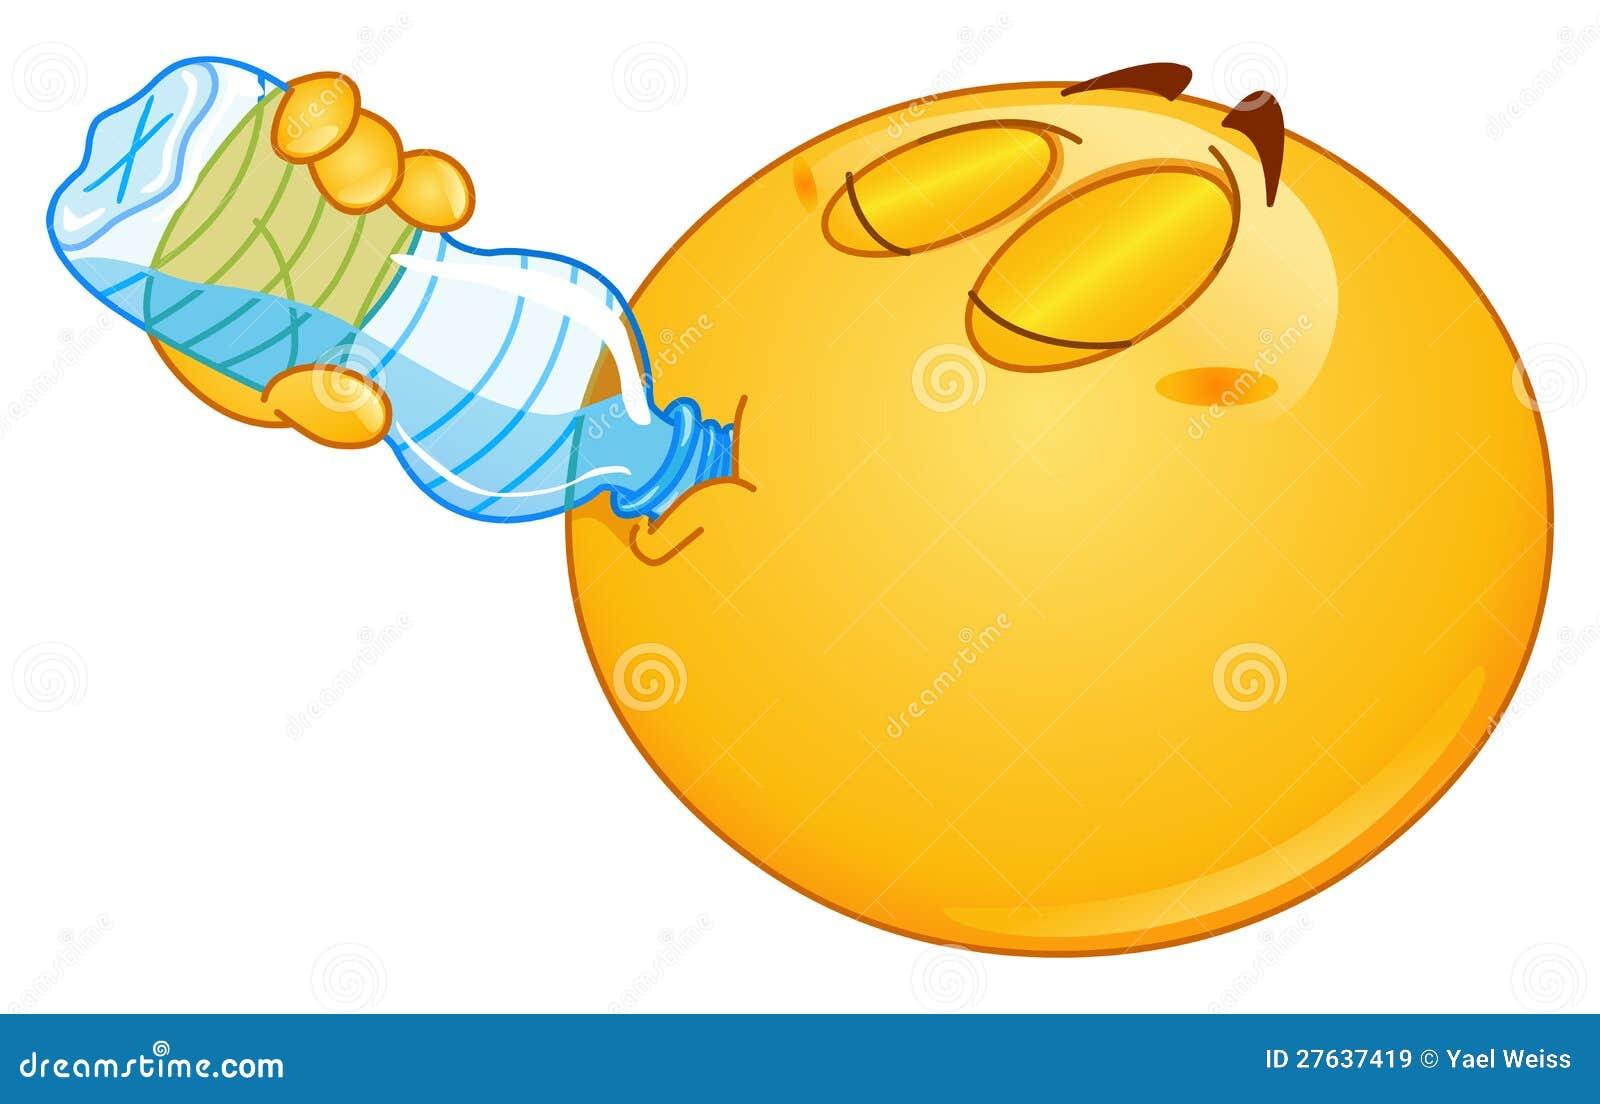 Emoticon del agua potable